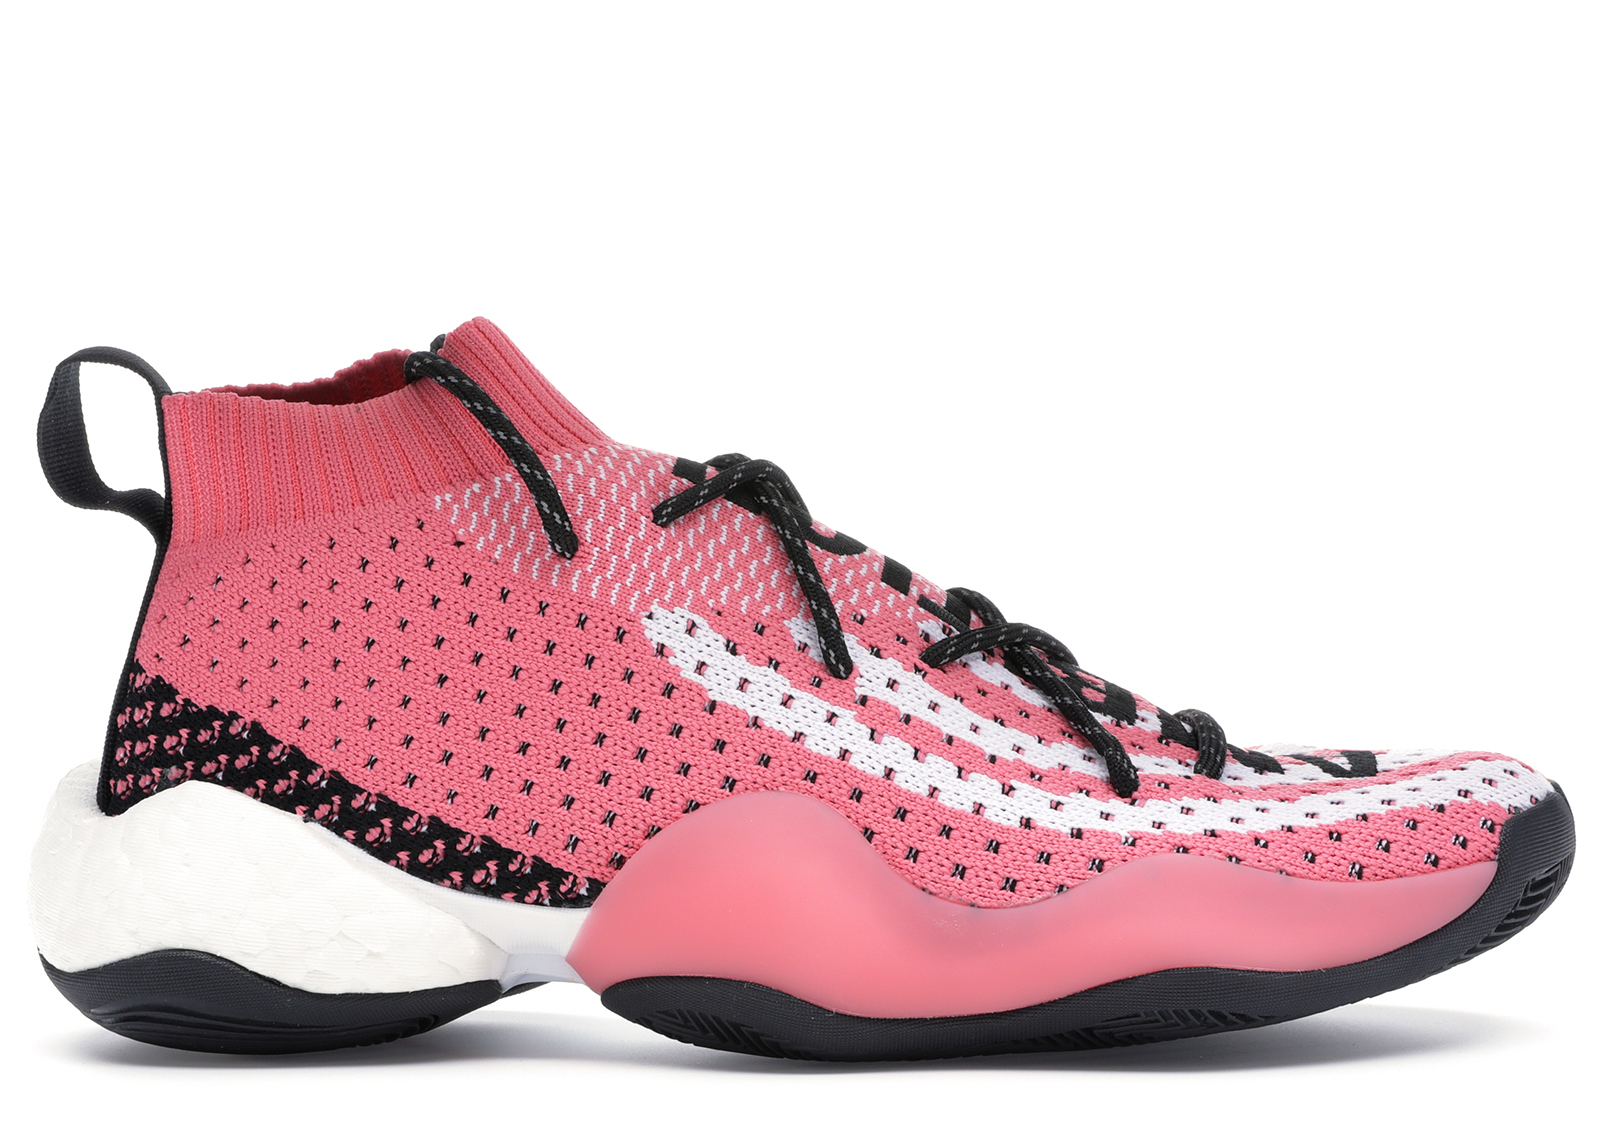 adidas Crazy BYW LVL X Pharrell